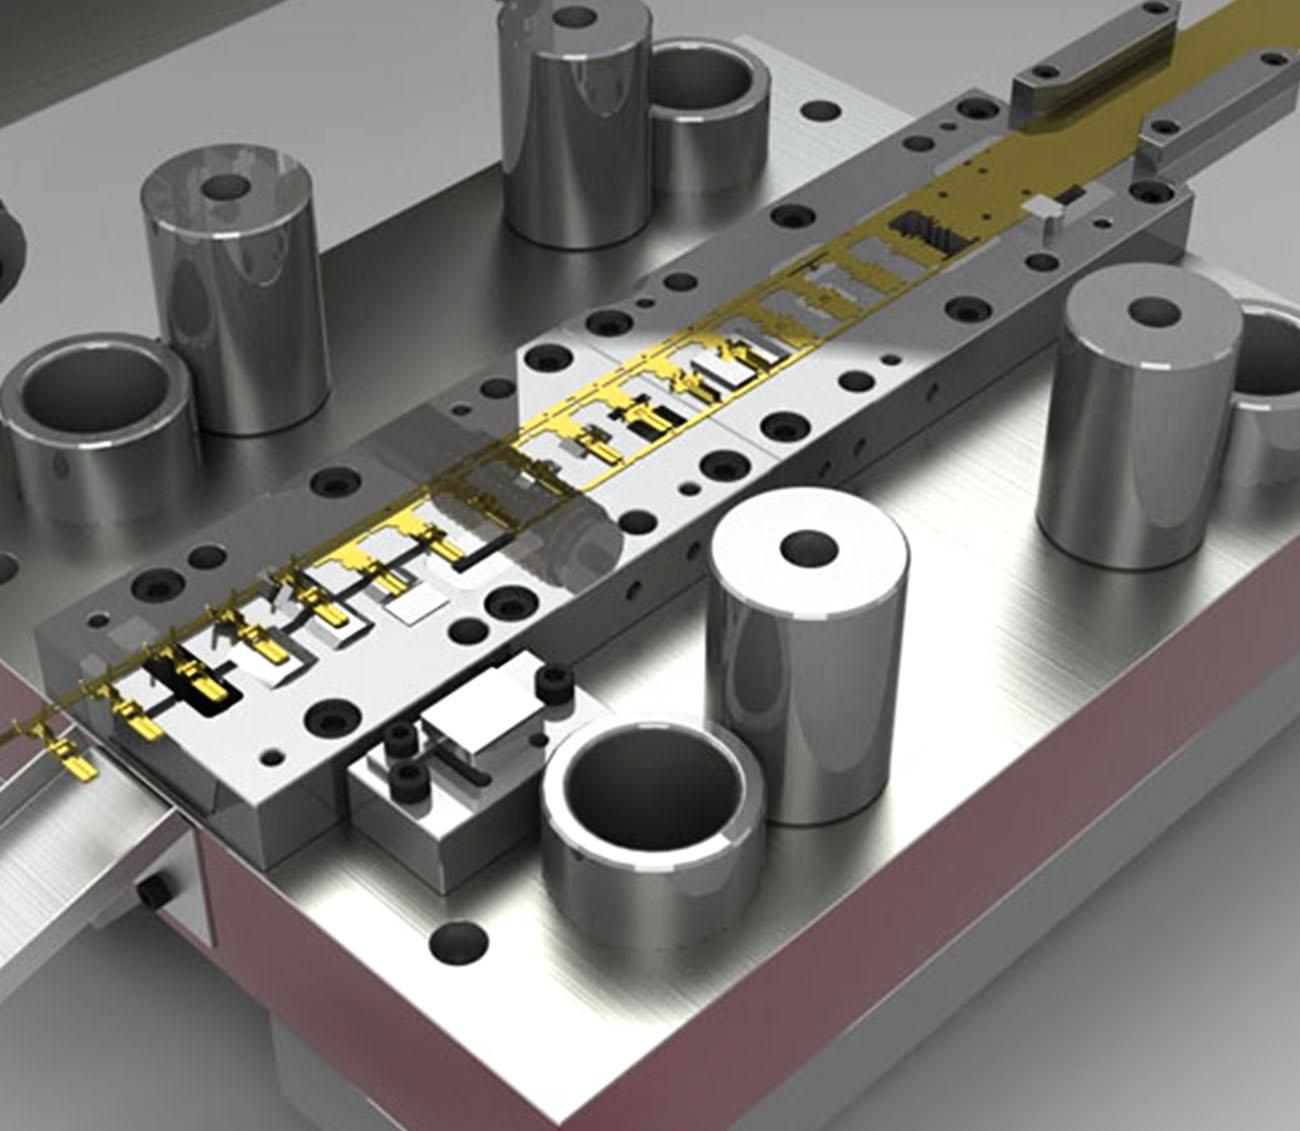 Constru��o de ferramentas de corte, dobra e repuxo em geral